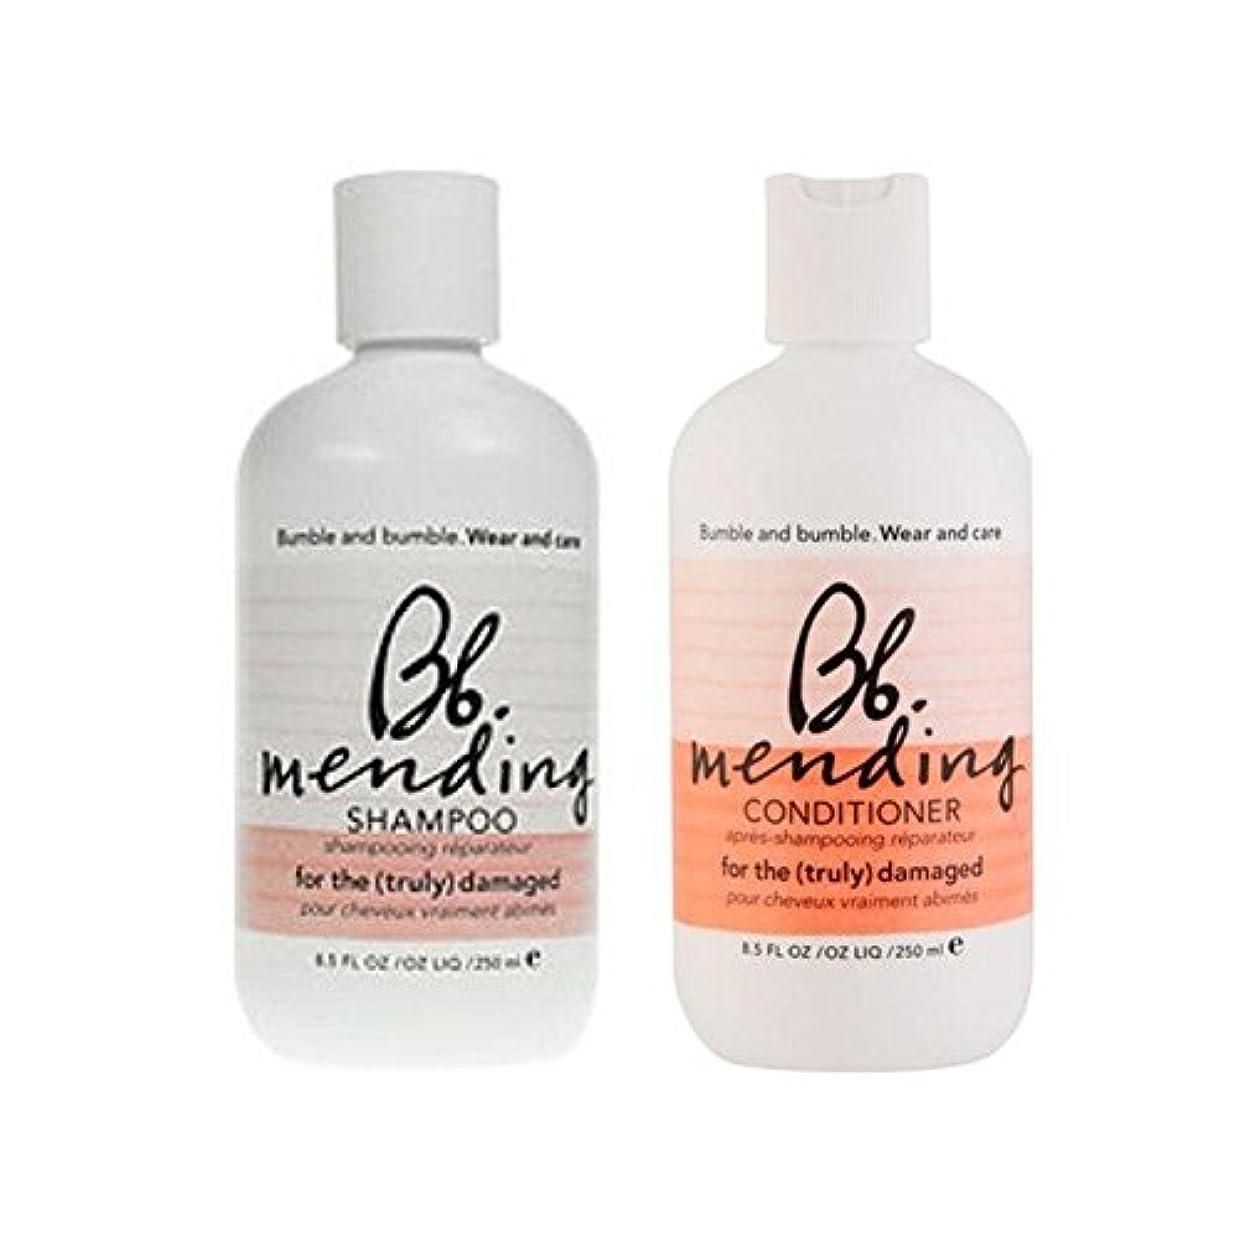 味わうマージン頂点Bb Wear And Care Mending Duo- Shampoo And Conditioner (Pack of 6) - 着用し、-シャンプーとコンディショナーを補修ケア x6 [並行輸入品]